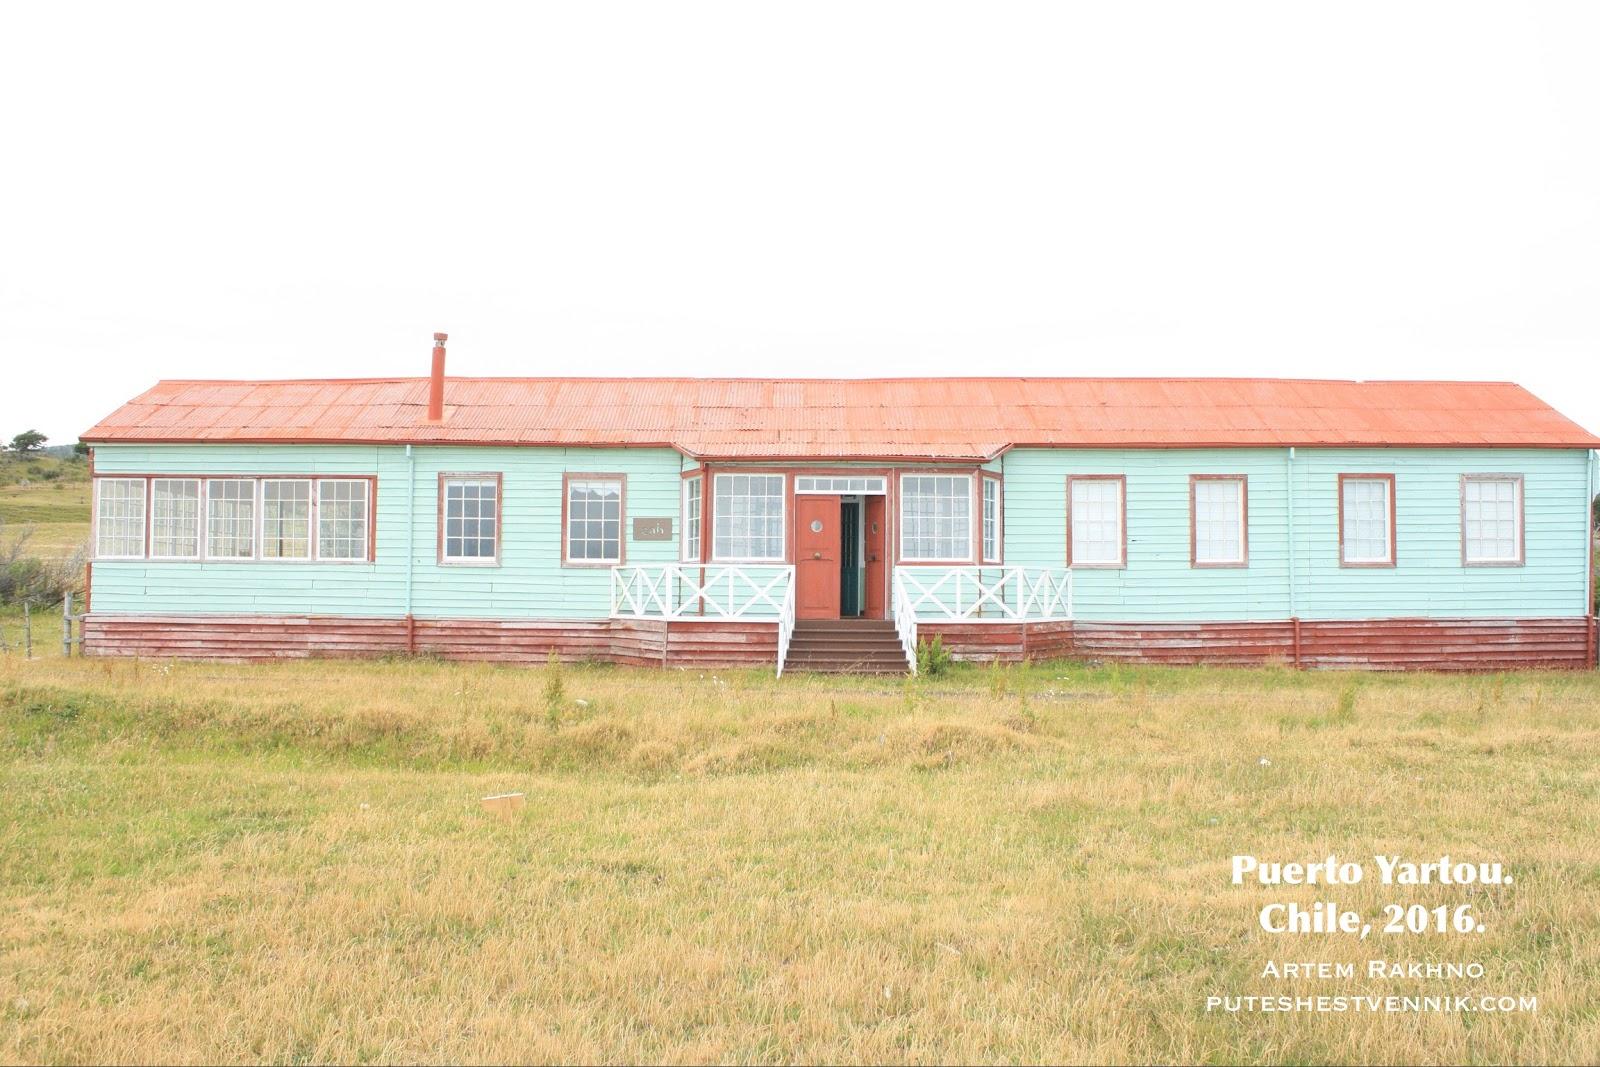 Дом эстанции Пуэрто Яртоу